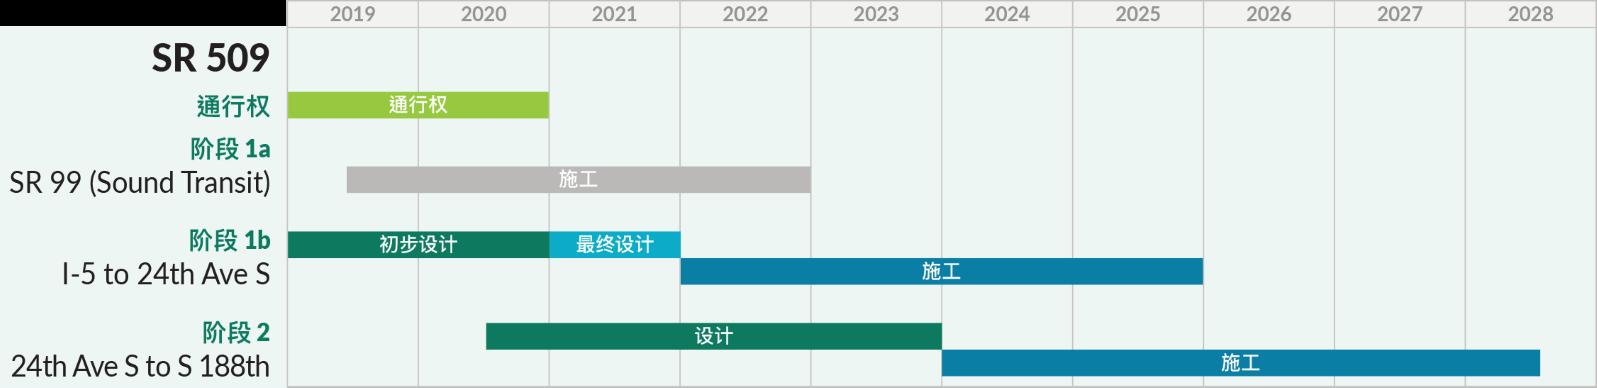 承包商将在2021年完成最终设计。主要施工将于2022年开始,大约需要4年时间才能完成。